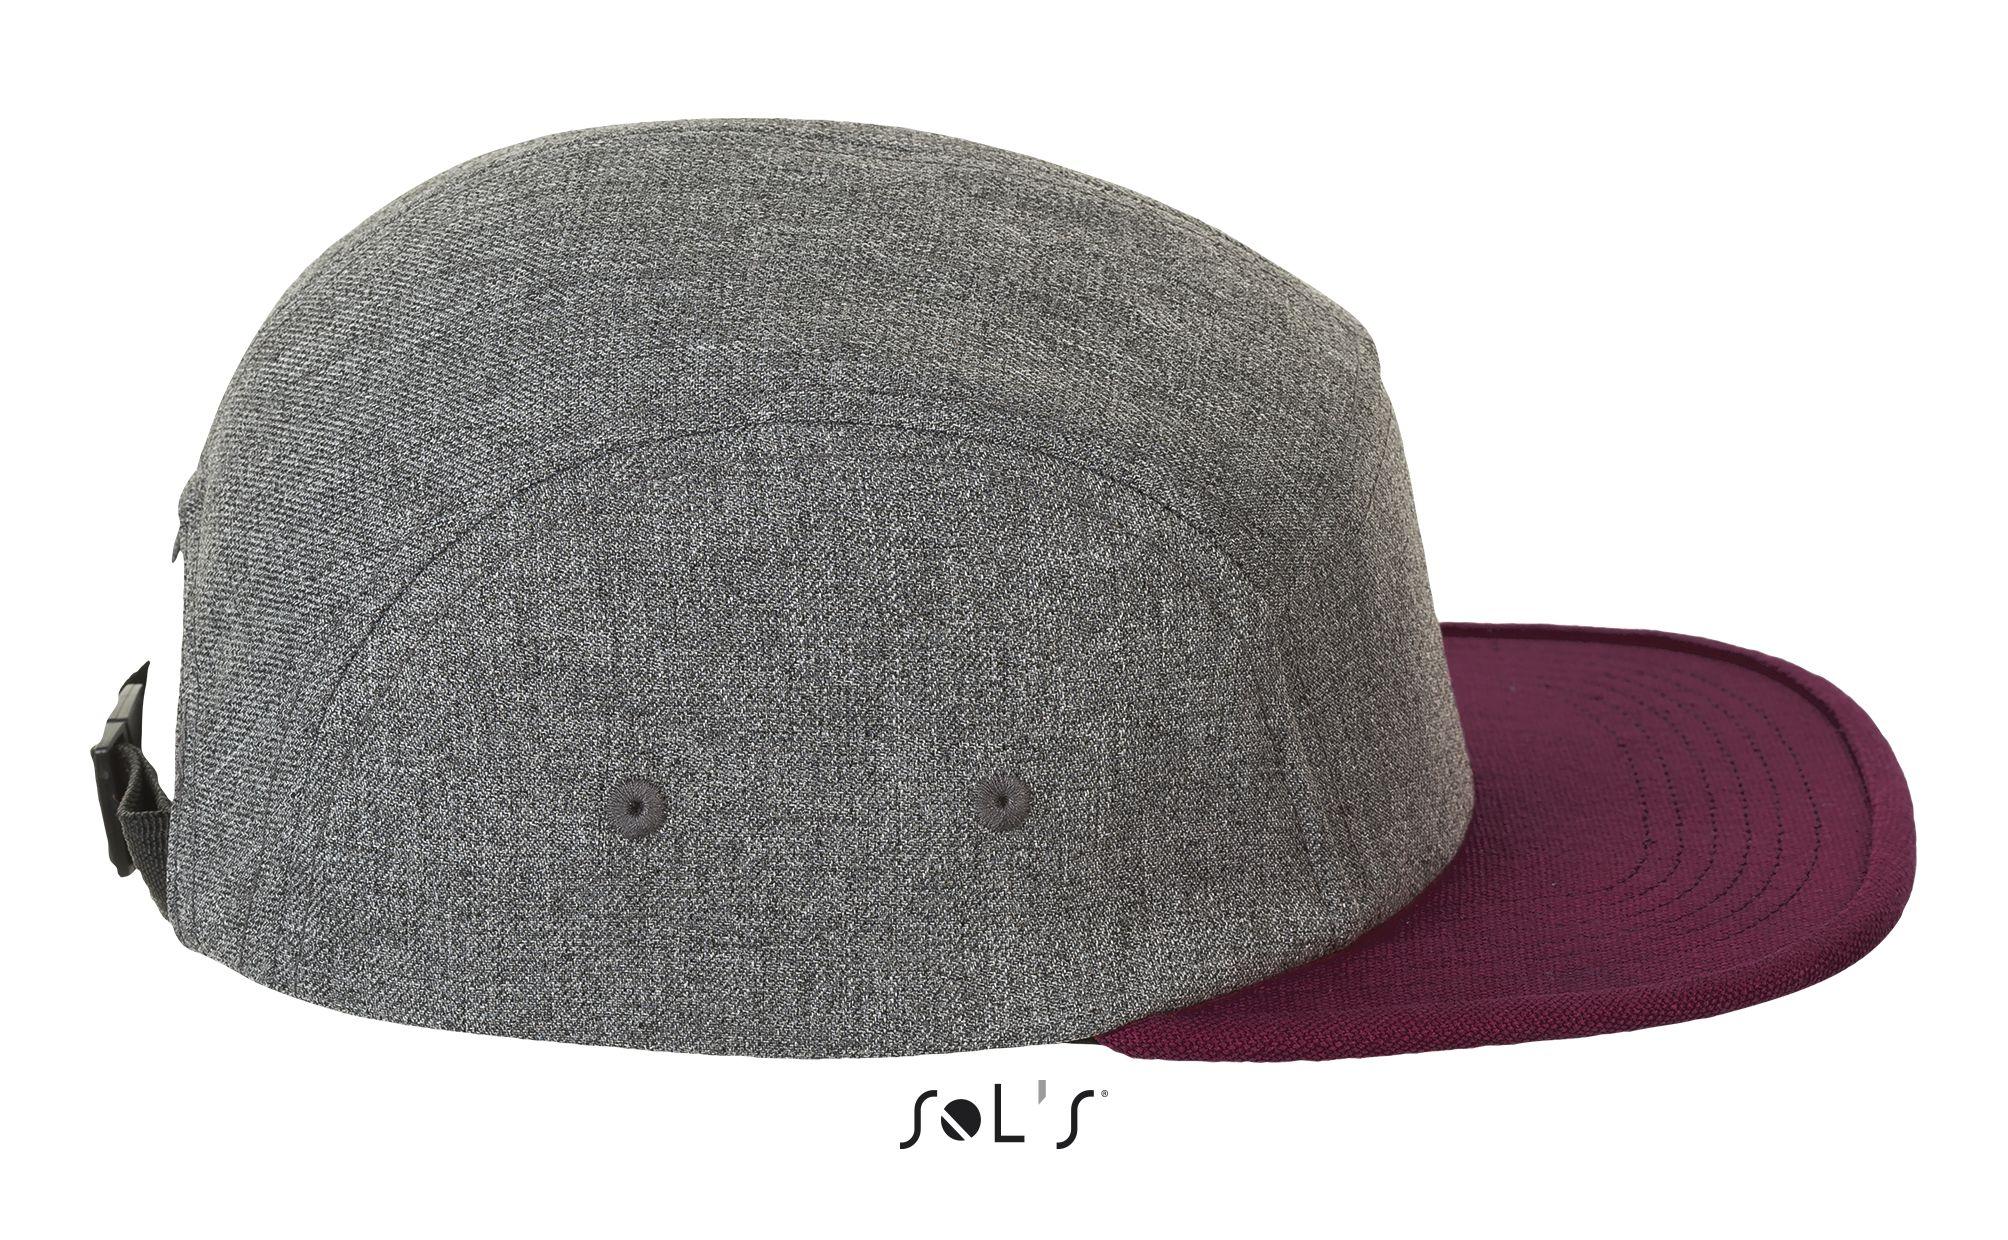 510 - Charcoal melange / Burgundy